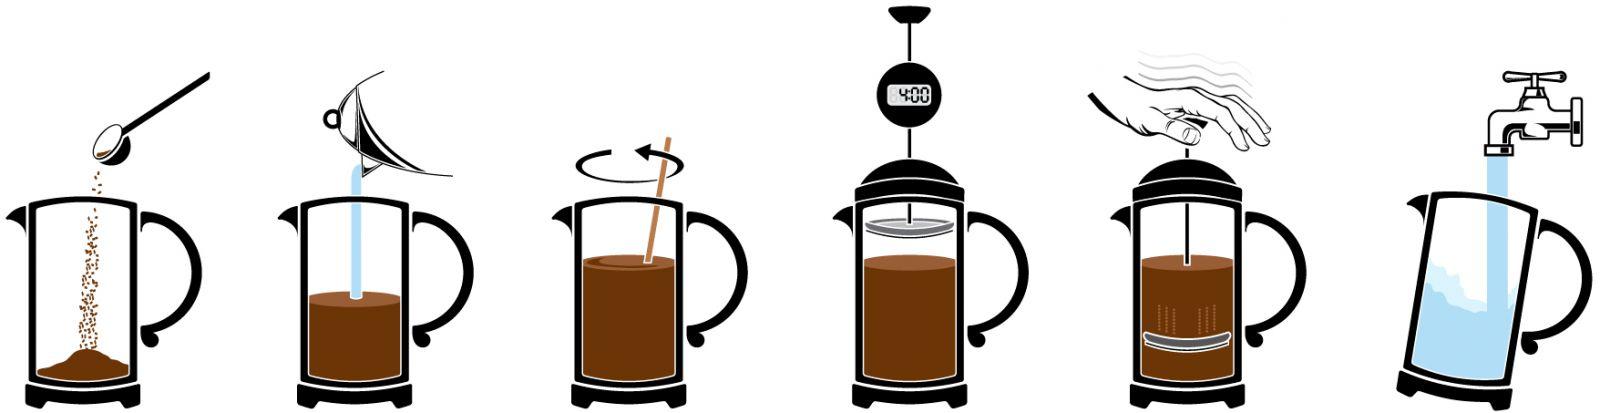 заварка кофе во френч прессе